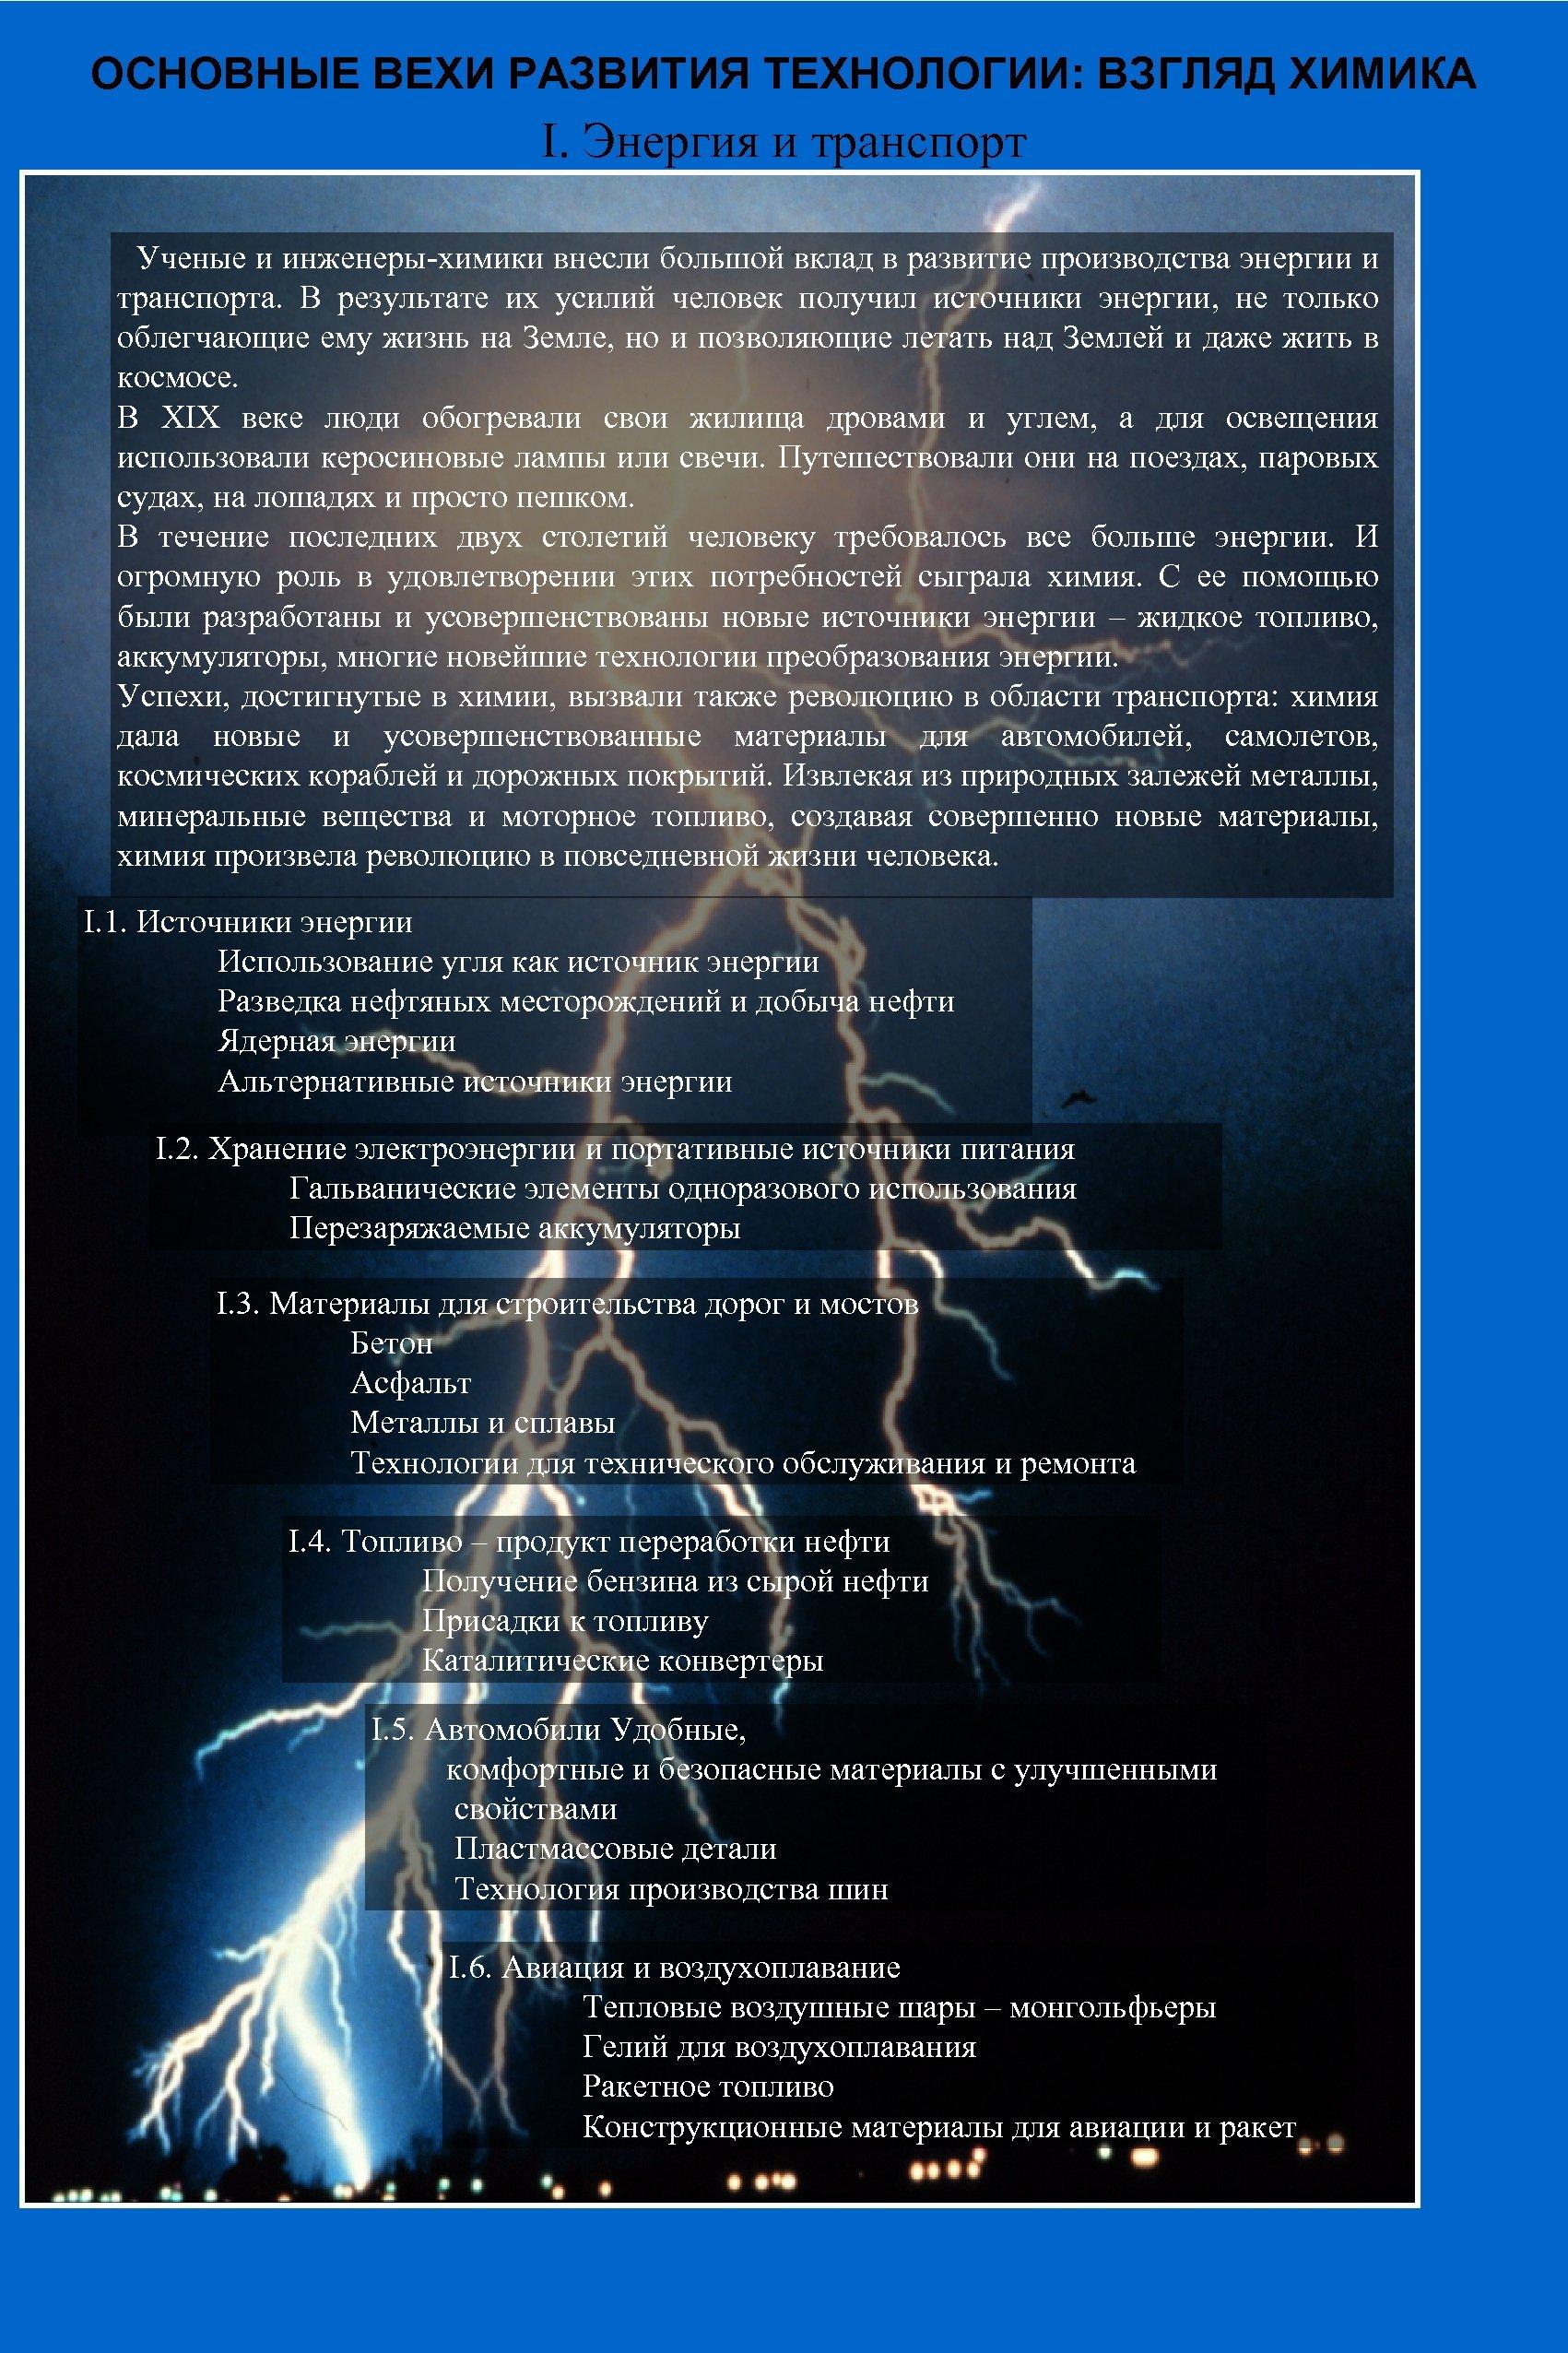 ОСНОВНЫЕ ВЕХИ РАЗВИТИЯ ТЕХНОЛОГИИ: ВЗГЛЯД ХИМИКА I. Энергия и транспорт Ученые и инженеры-химики внесли